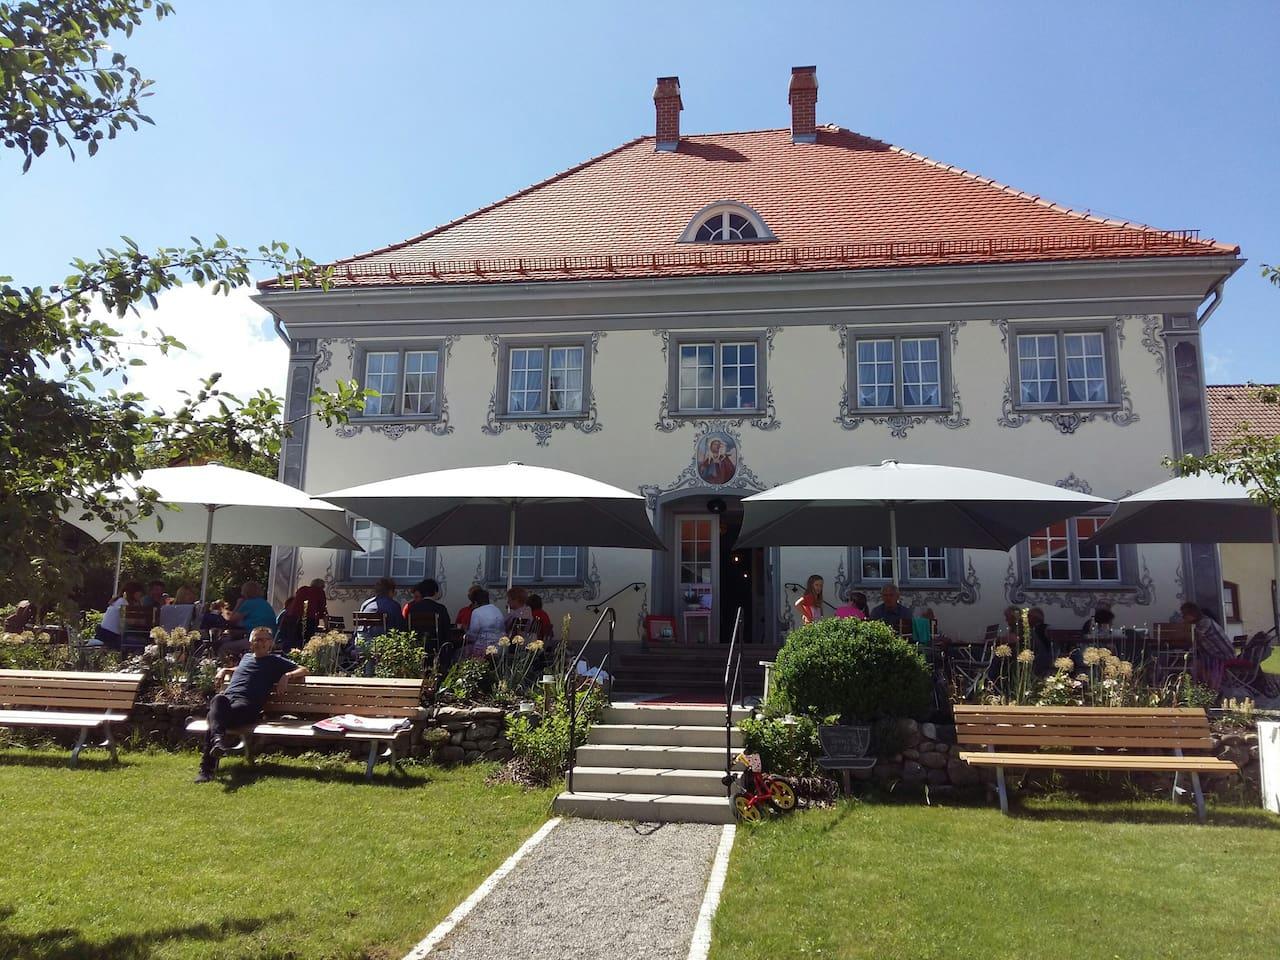 Wohnen im ehemaligen Pfarrhaus von 1778 in Merazhofen